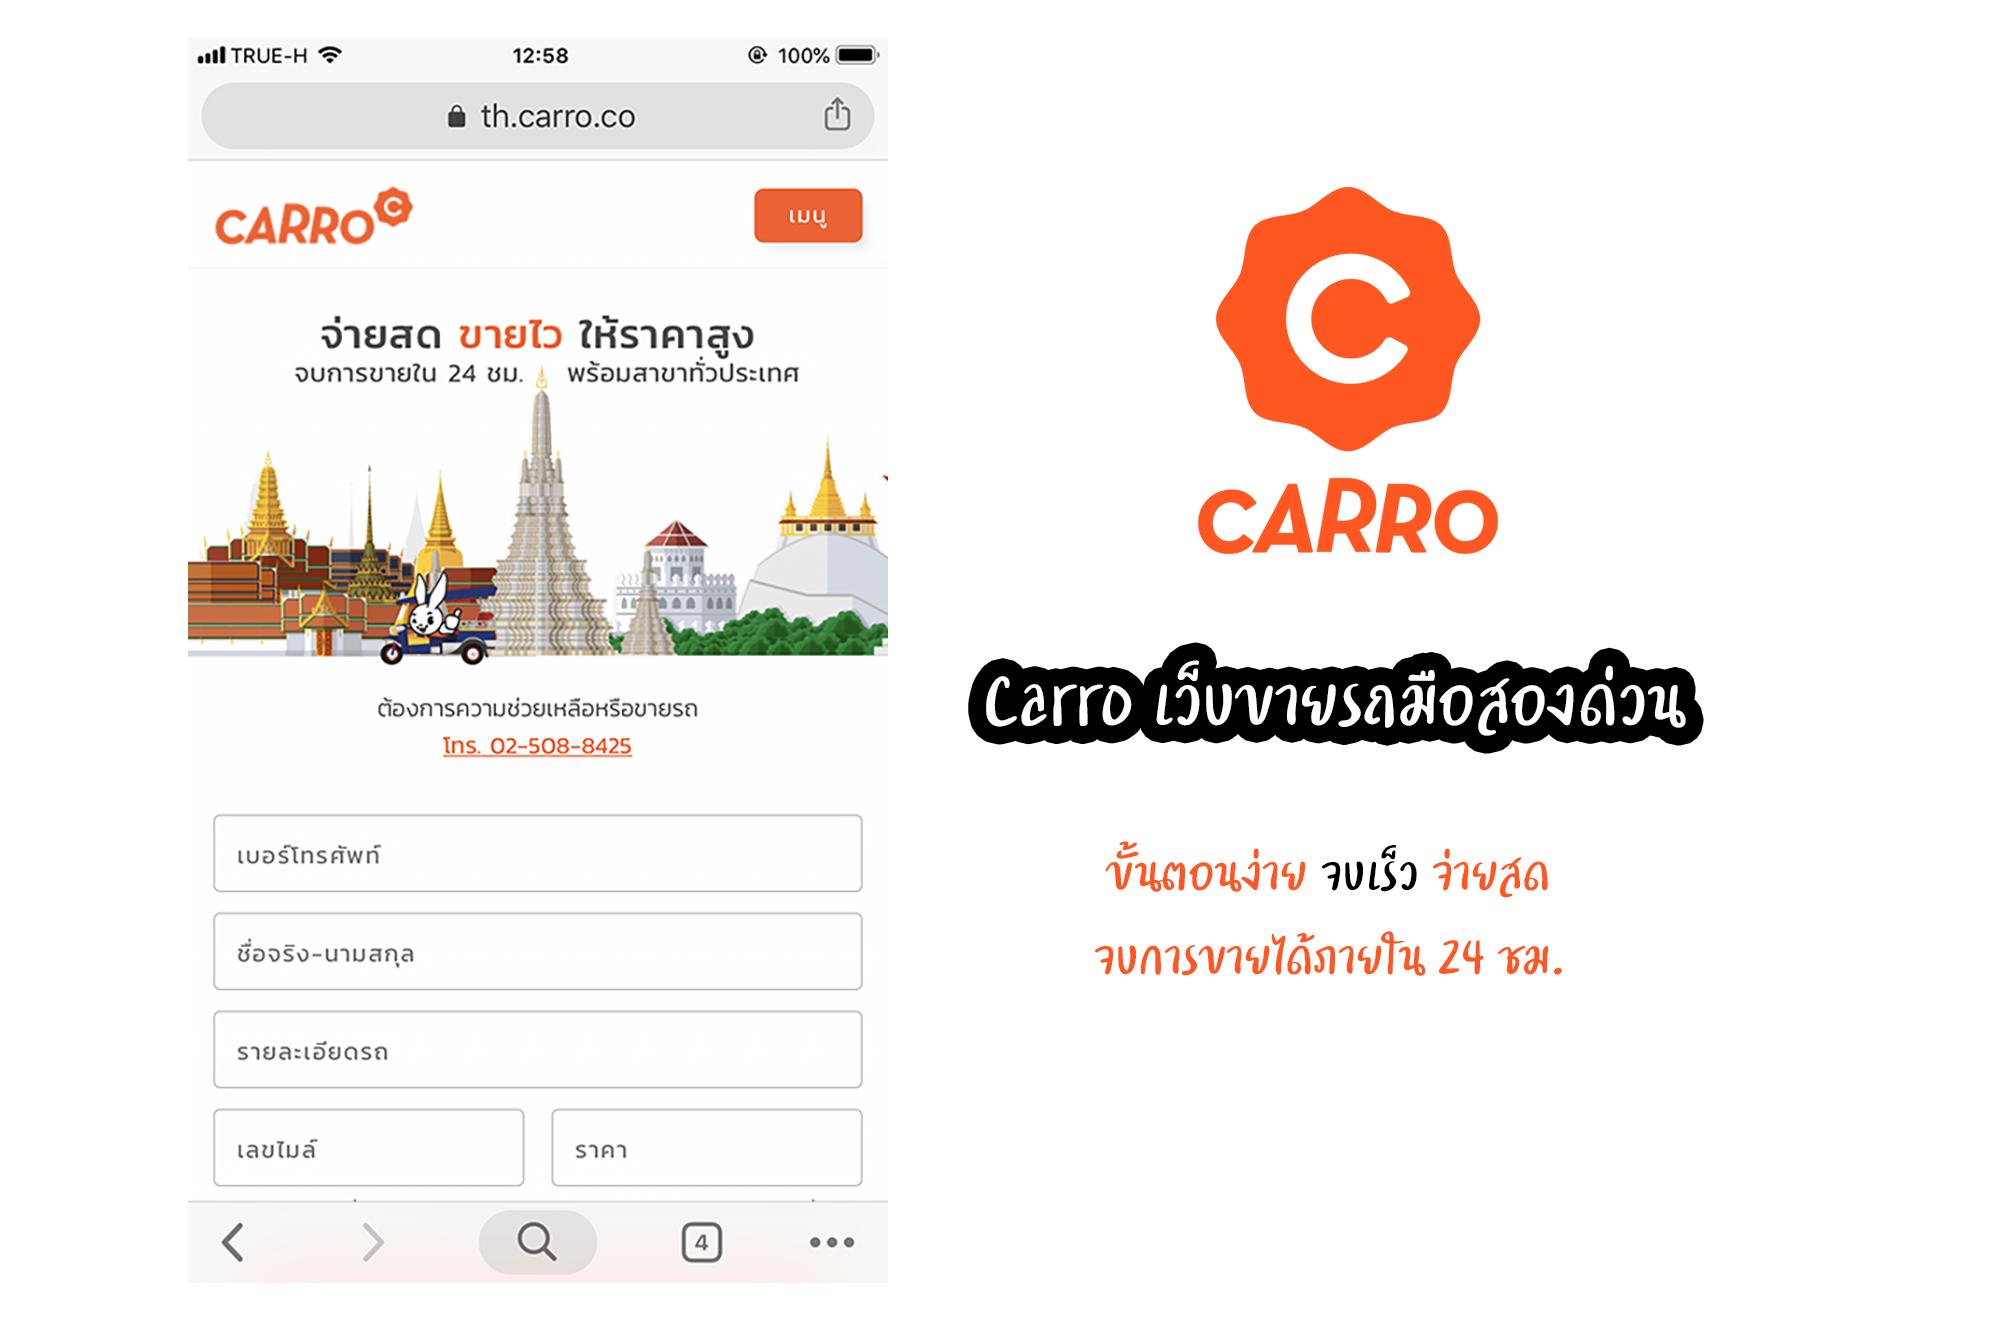 Carro เว็บขายรถมือสองด่วน ขั้นตอนง่าย จบเร็ว จ่ายสด สามารถจบการขายได้ภายใน 24 ชั่วโมง